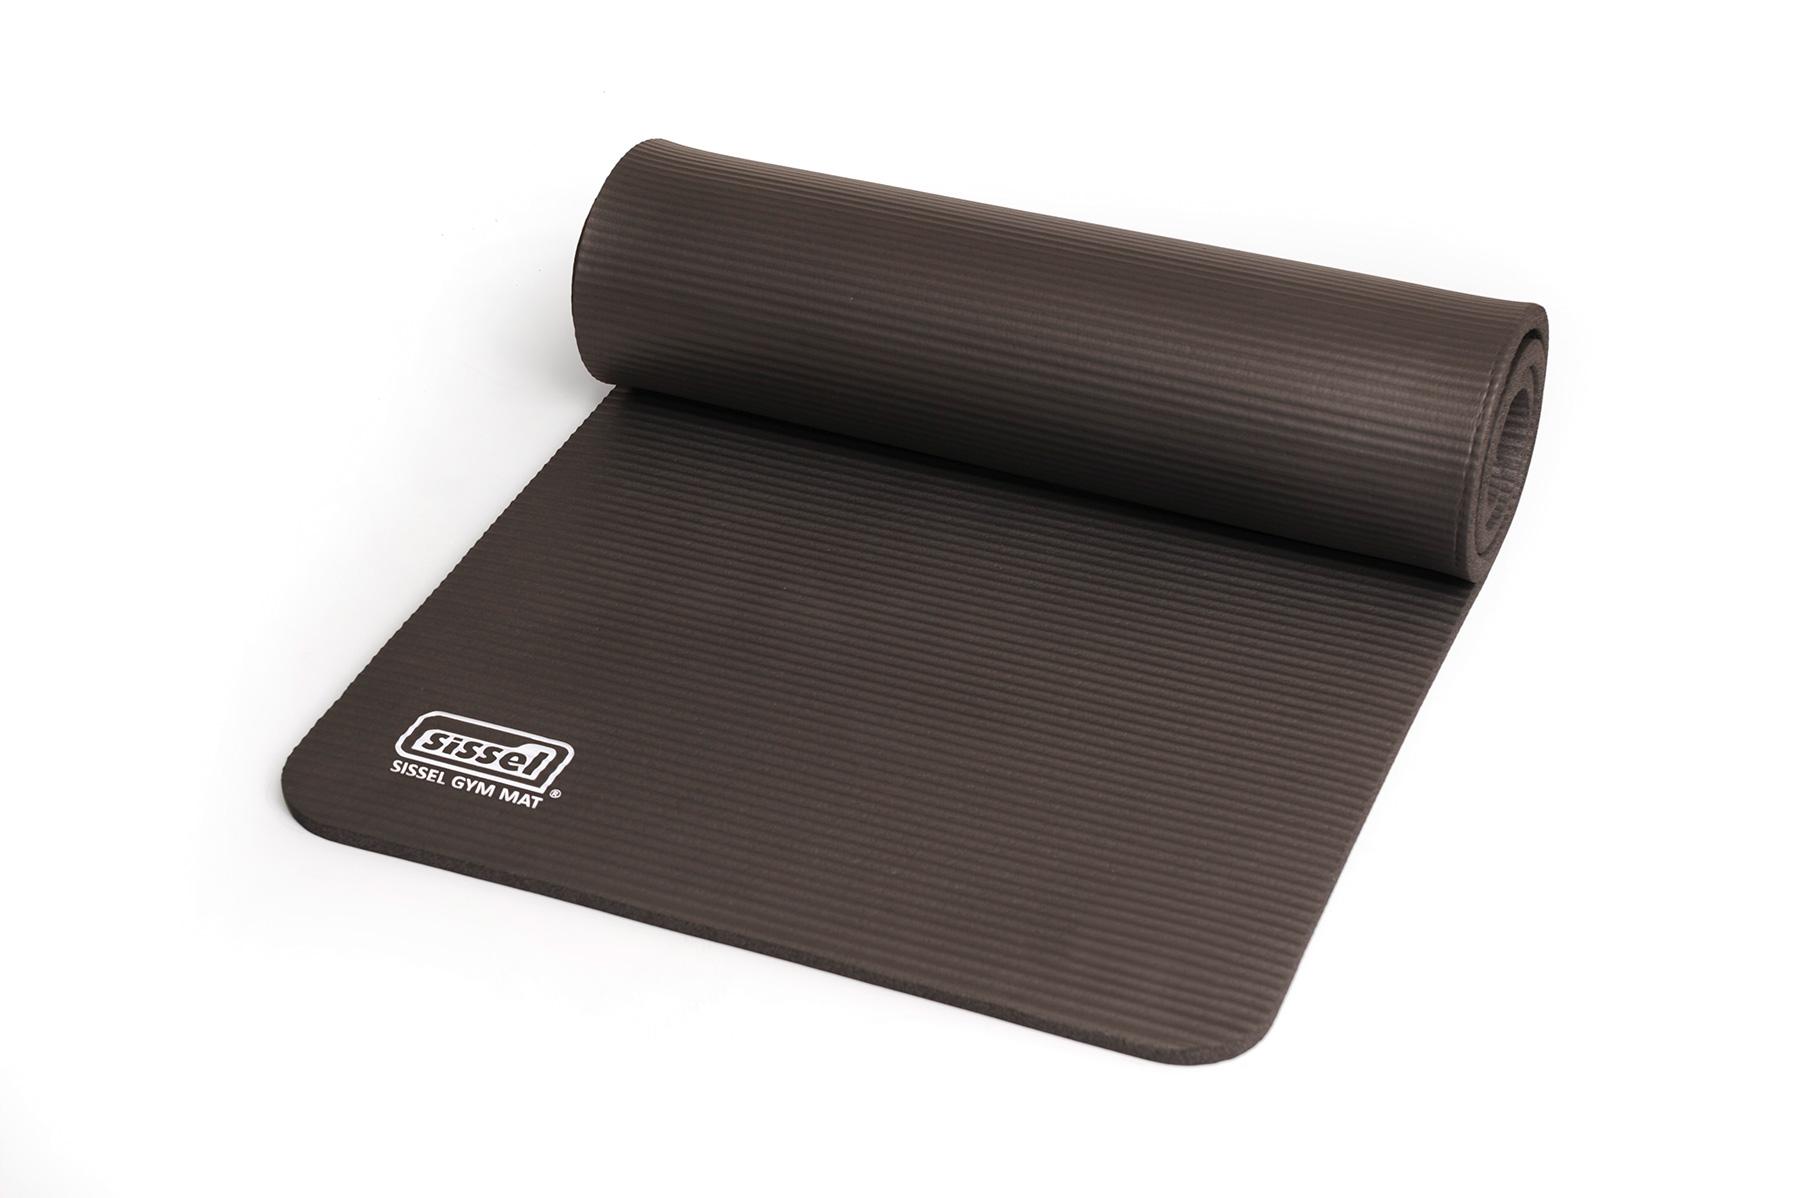 SISSEL® Gym Mat 1.5 cm - 1